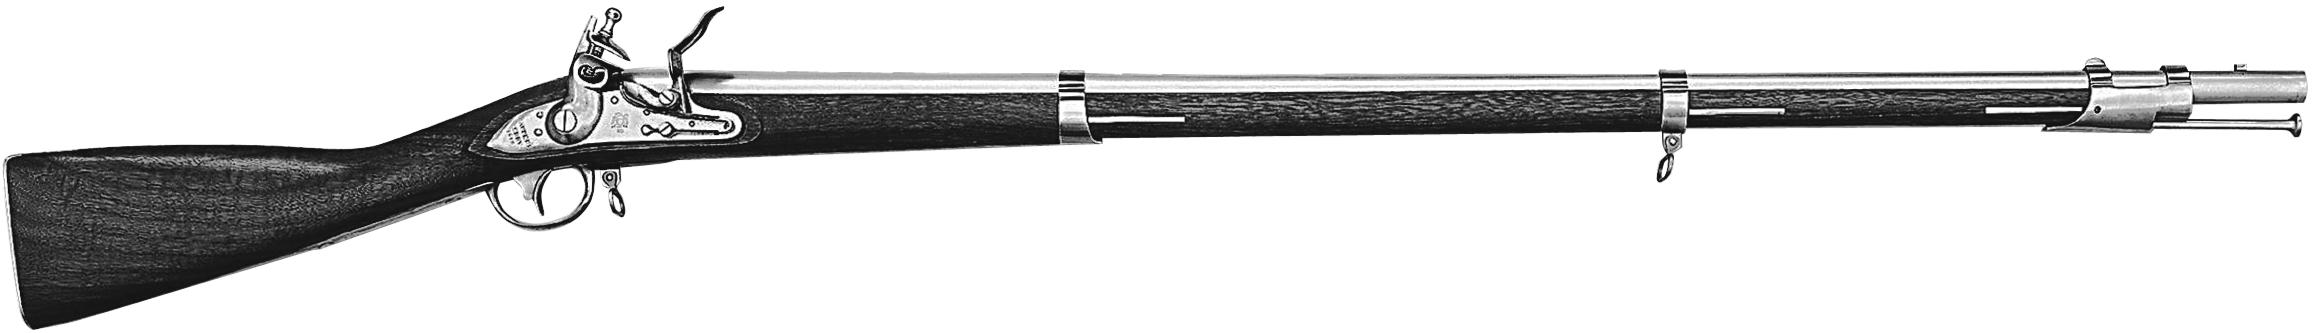 Harper's Ferry 1816 Musket